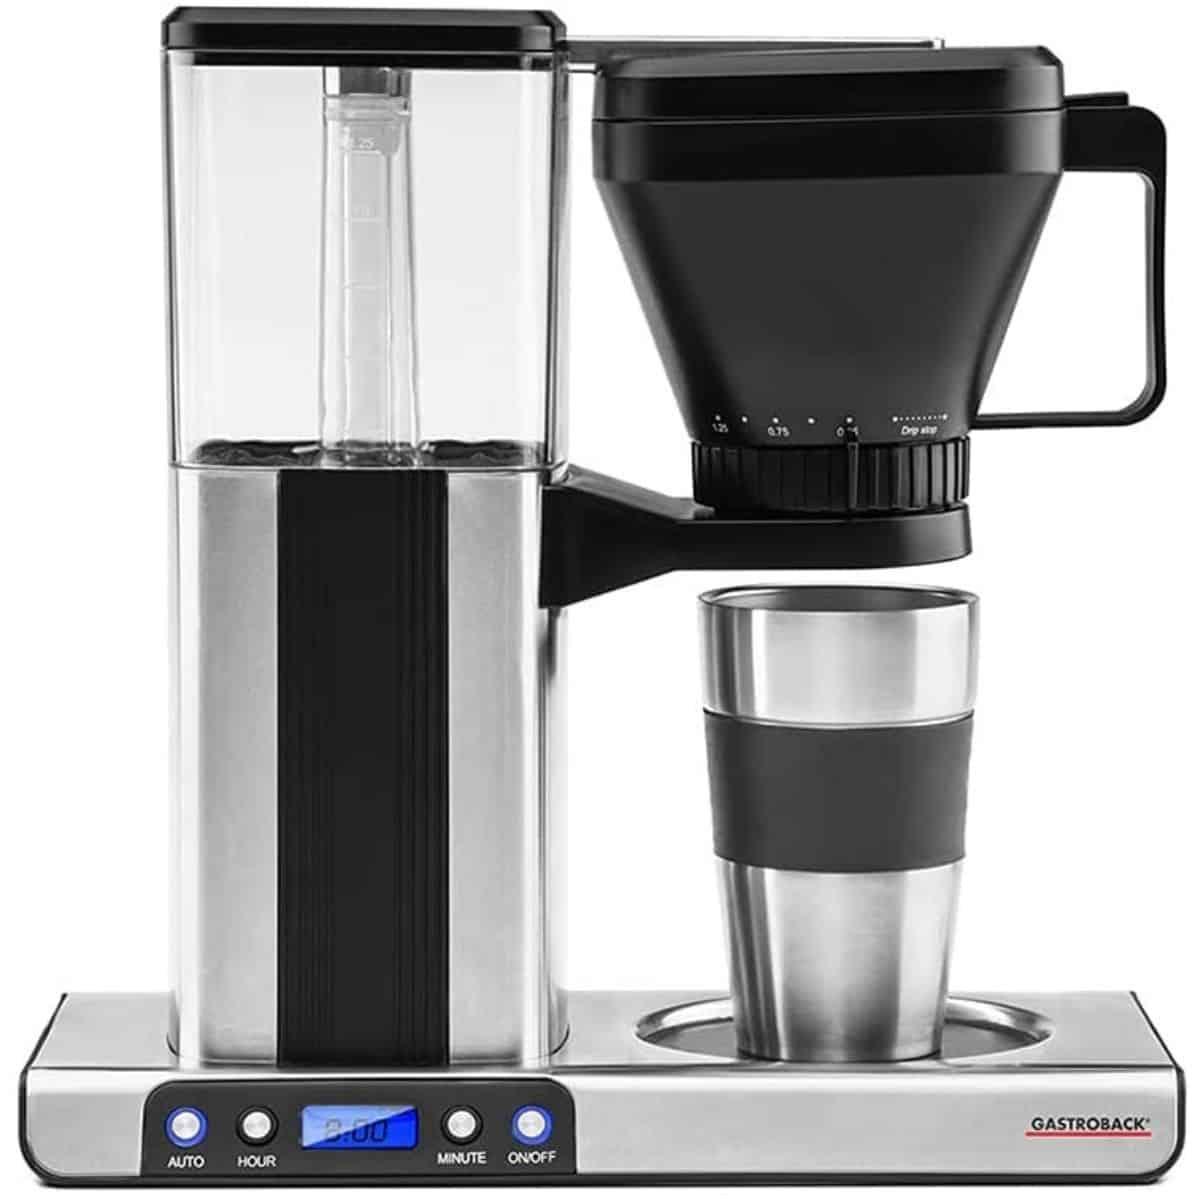 Gastroback Design Brew Advanced Filterkaffeemaschine 42706